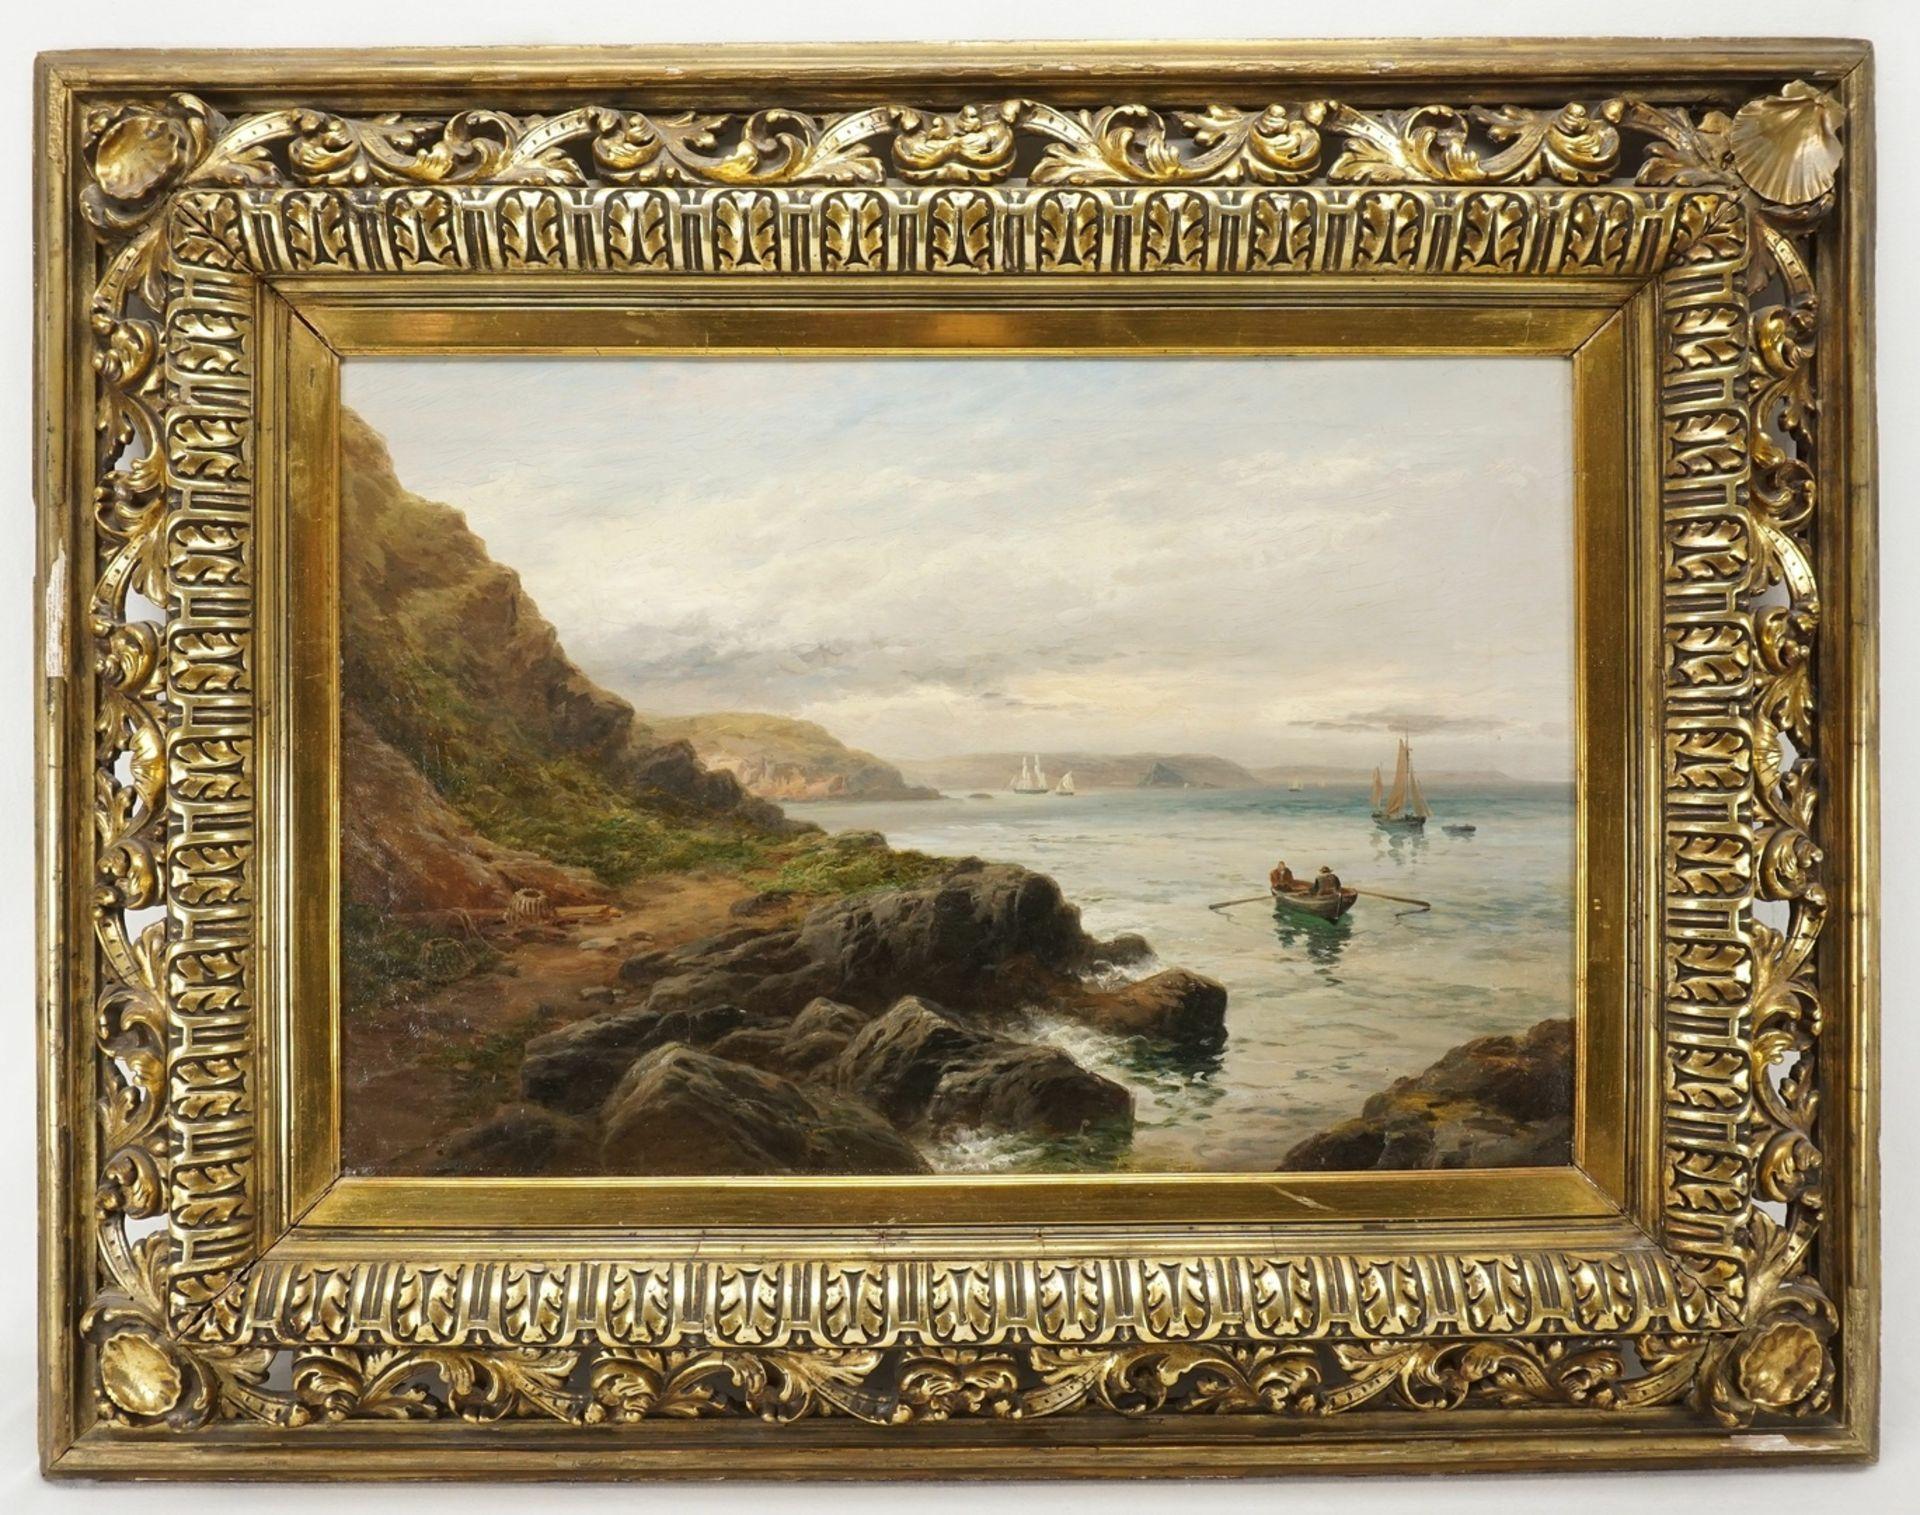 Unbekannter Landschaftsmaler, Felsige Küste mit Fischerbooten